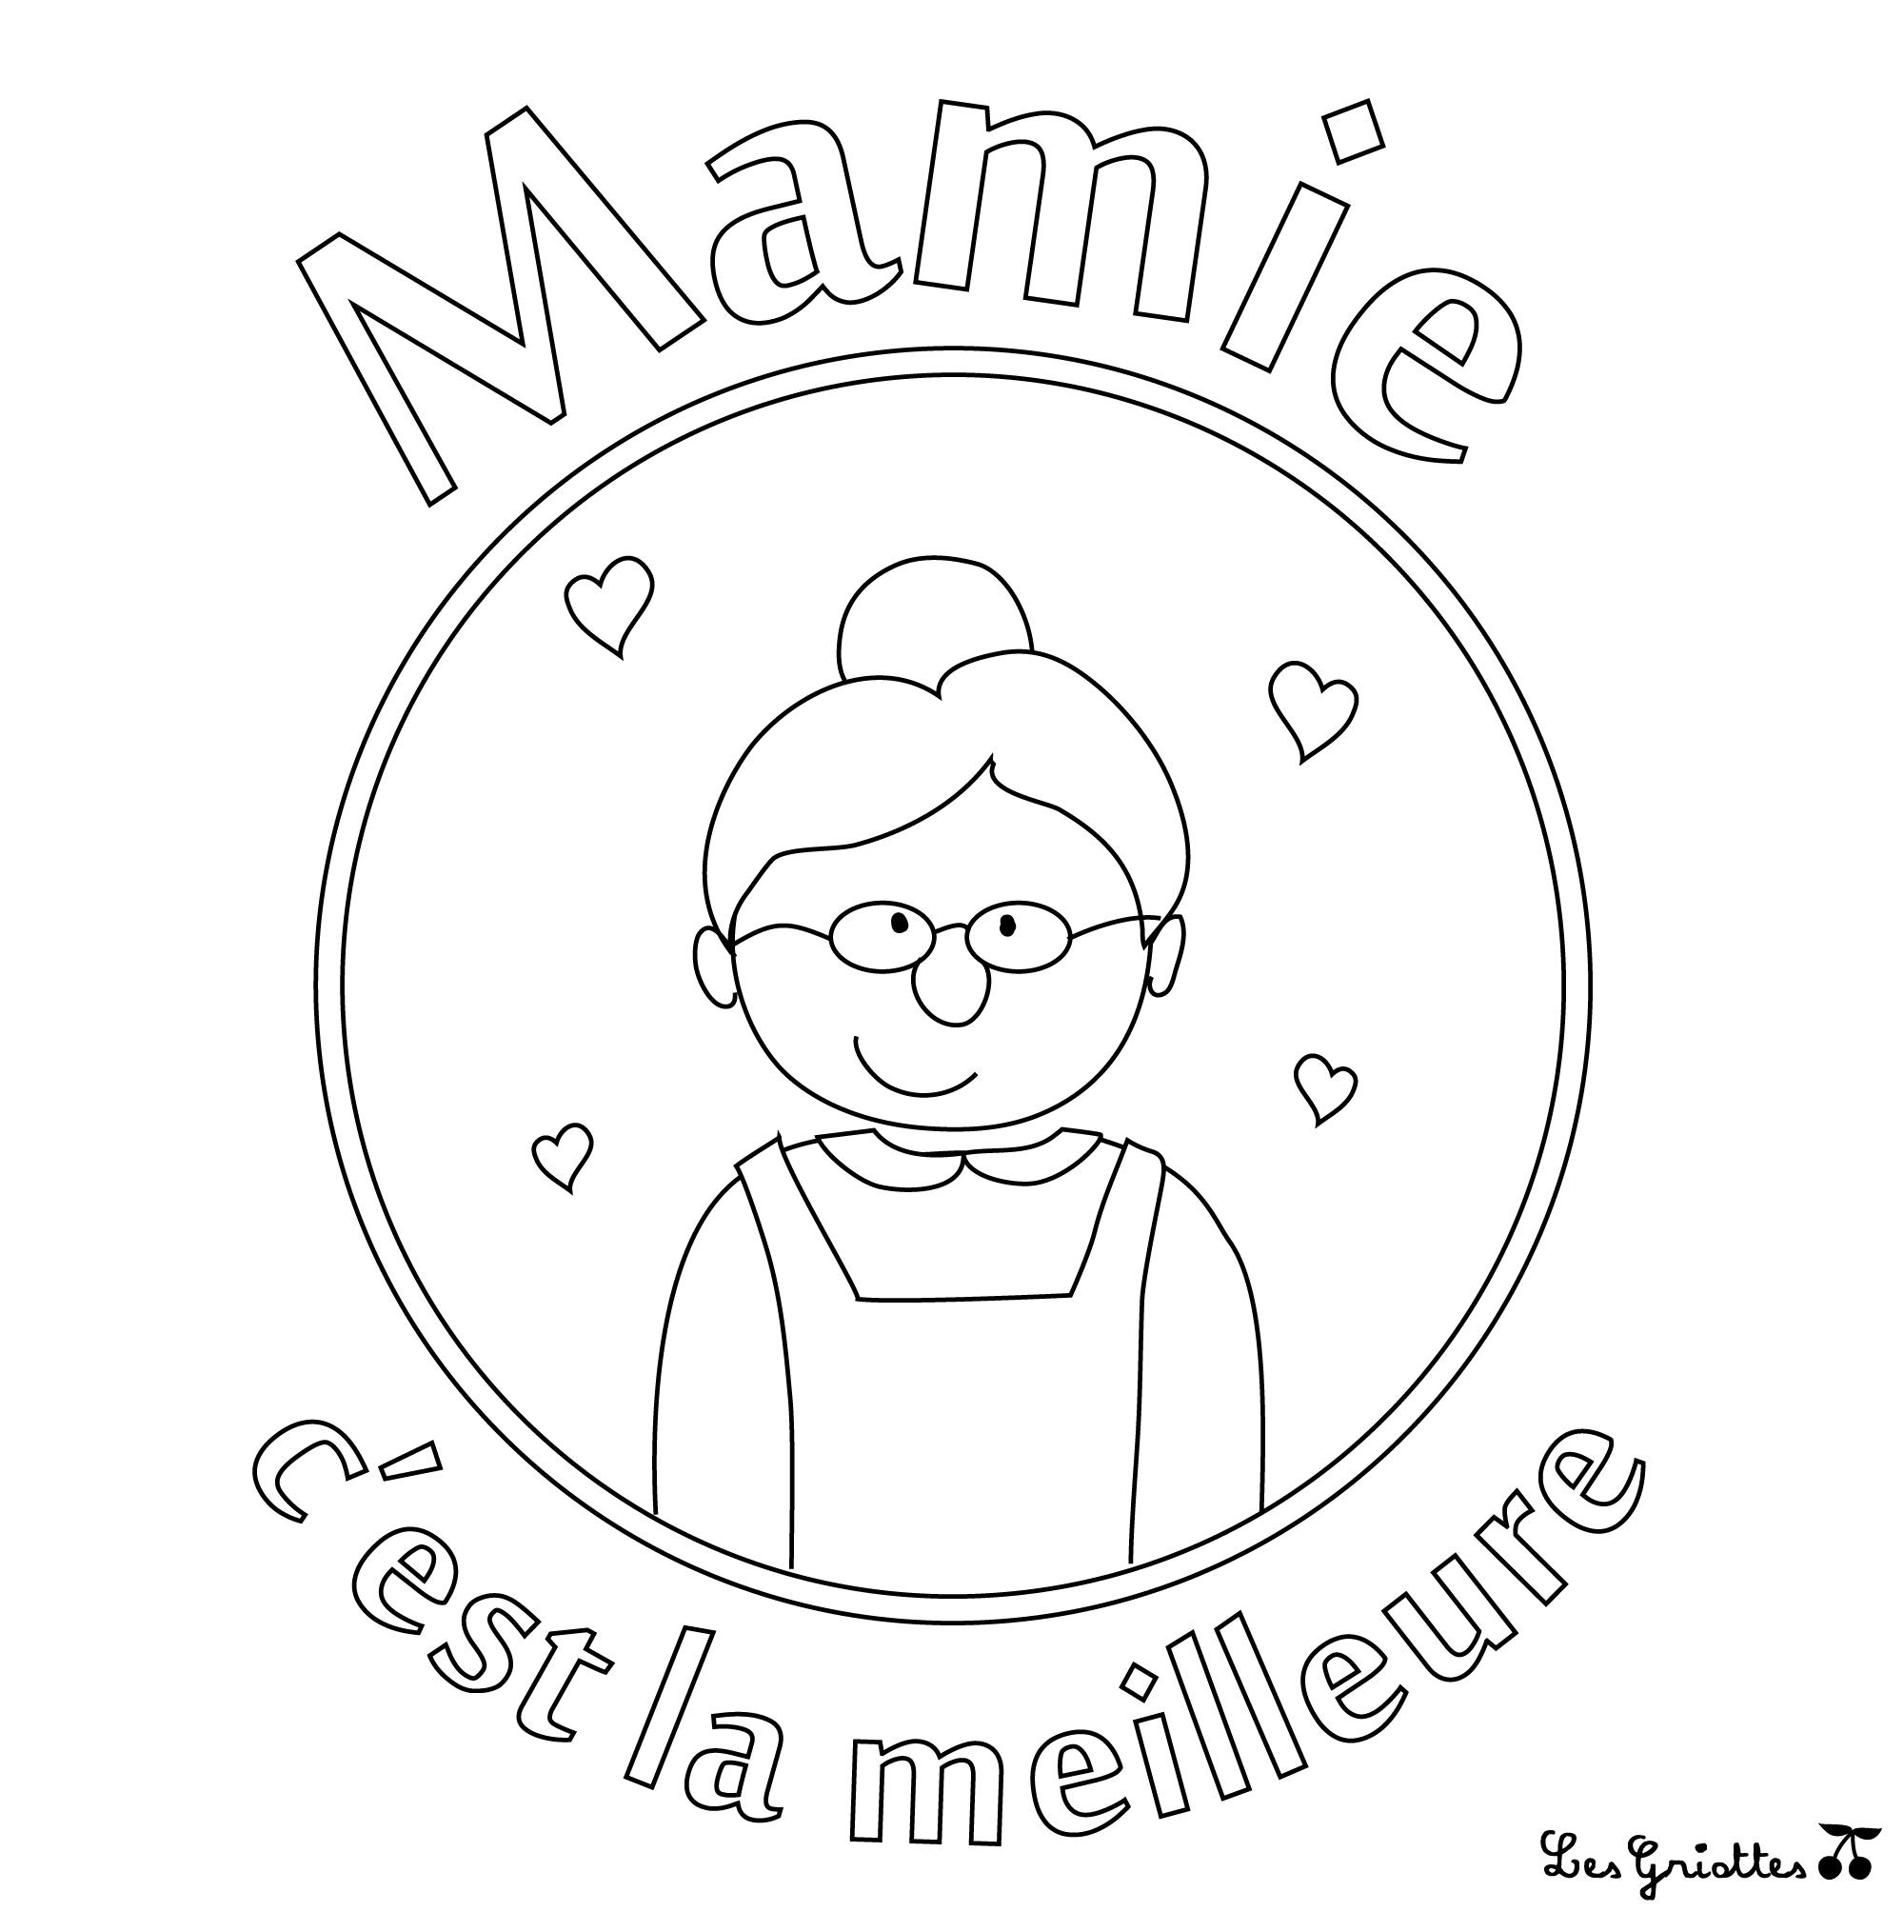 Des Coloriages Pour Mamie Les Griottes Papotent